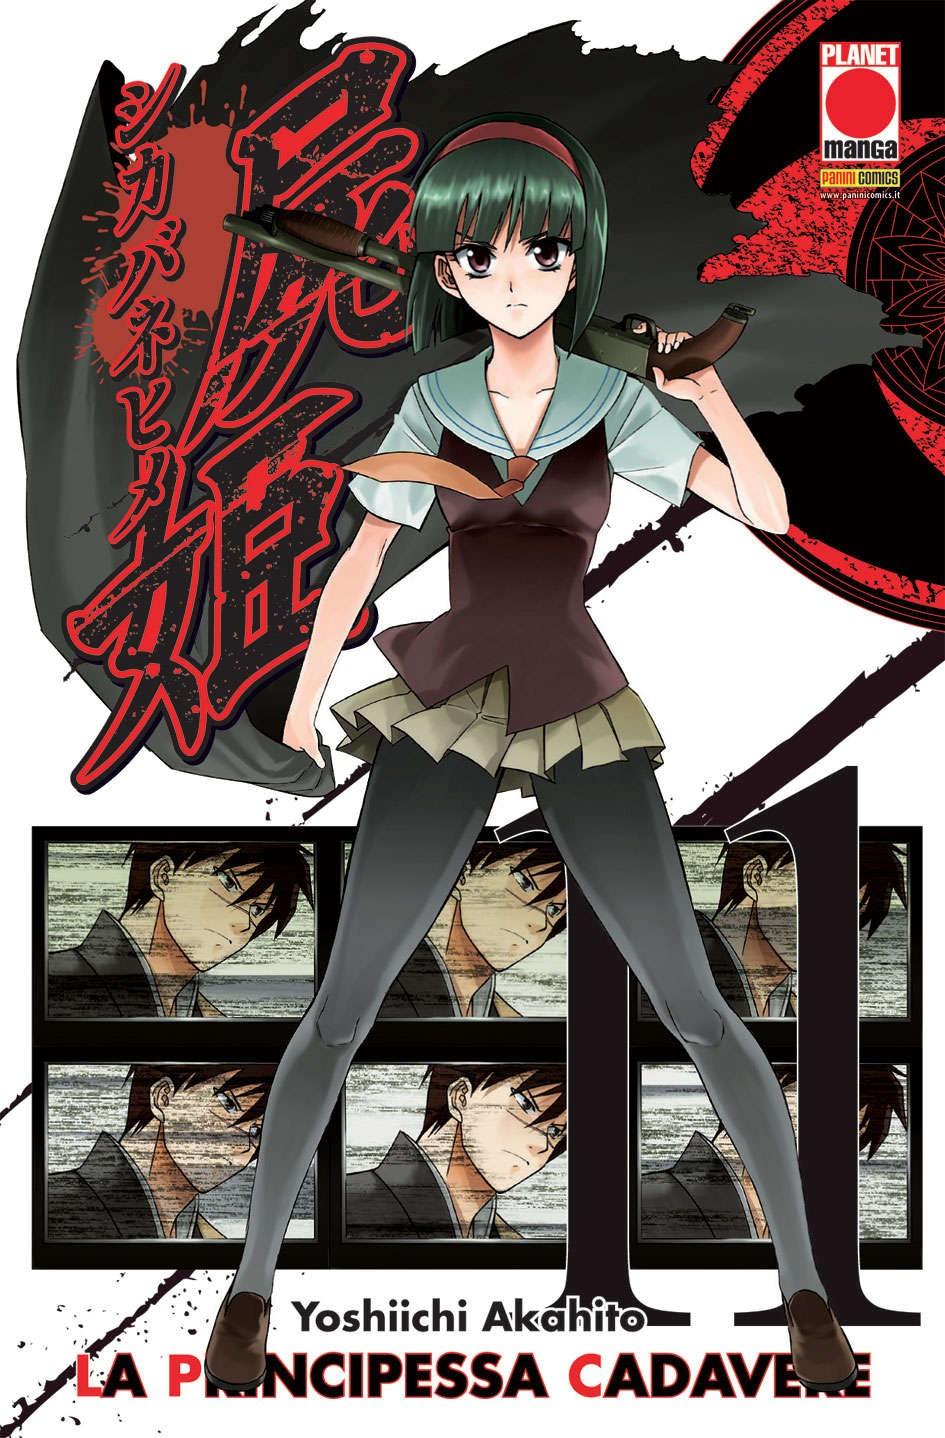 Principessa Cadavere - N° 11 - La Principessa Cadavere - Planet Manga